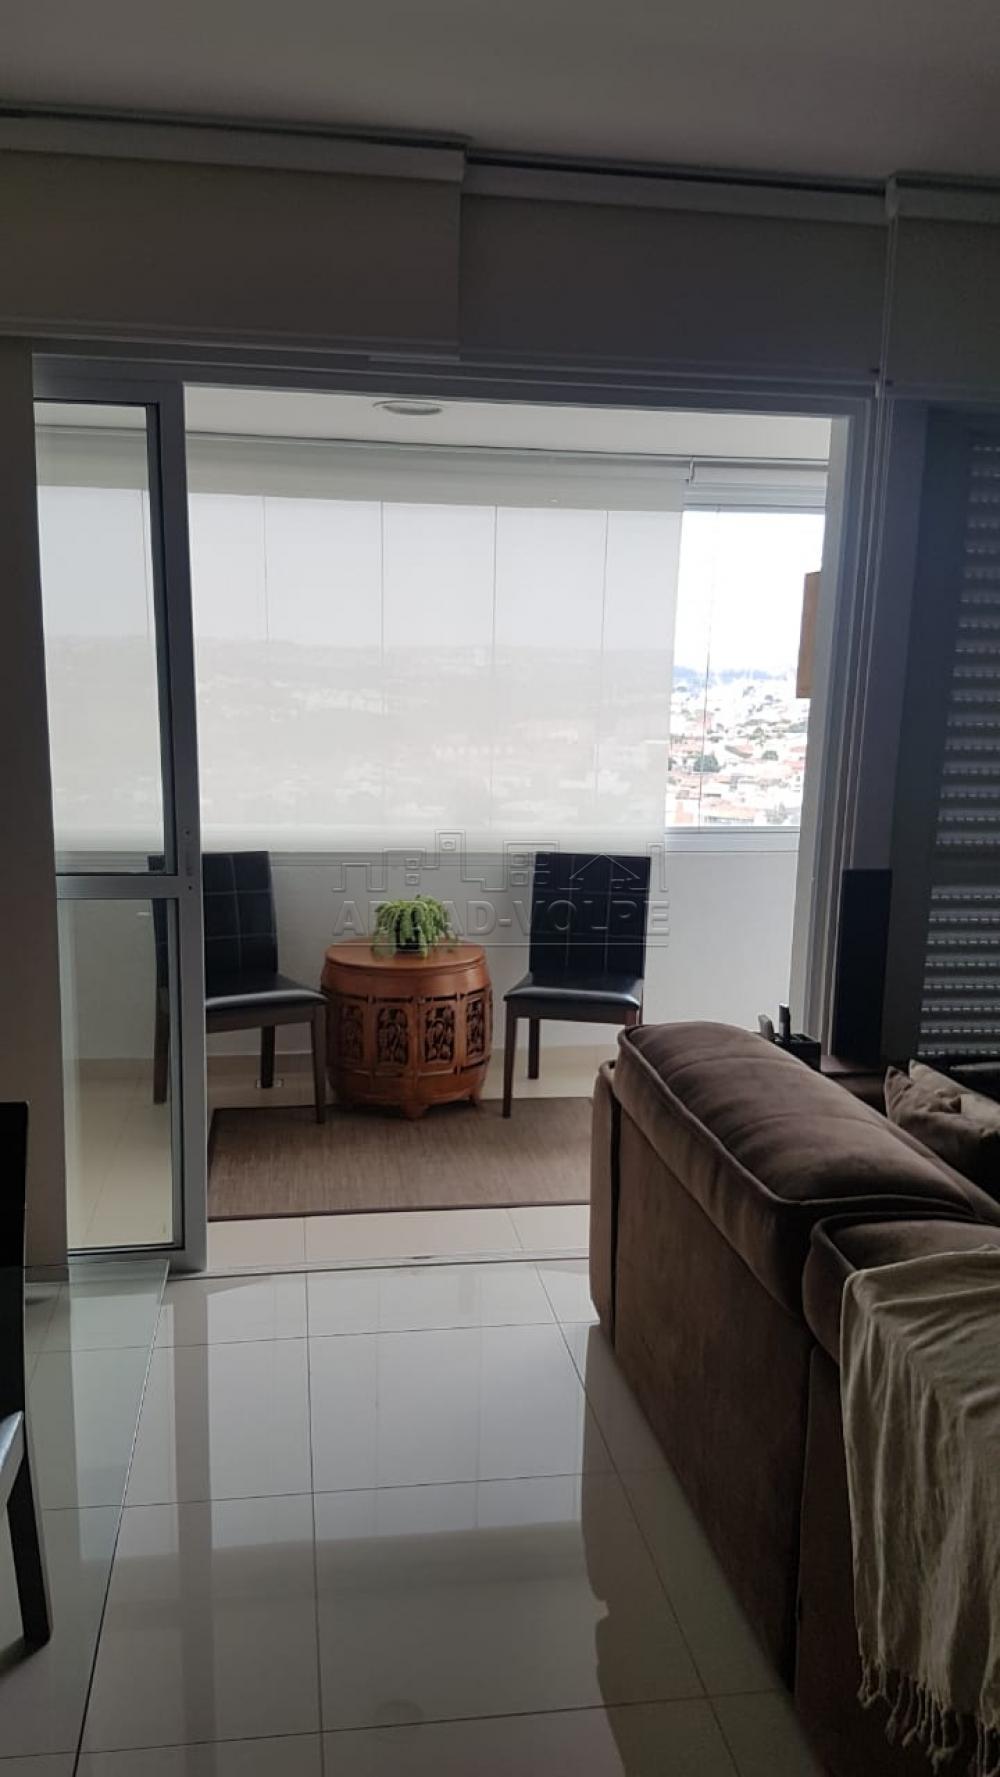 Comprar Apartamento / Padrão em Bauru apenas R$ 520.000,00 - Foto 12